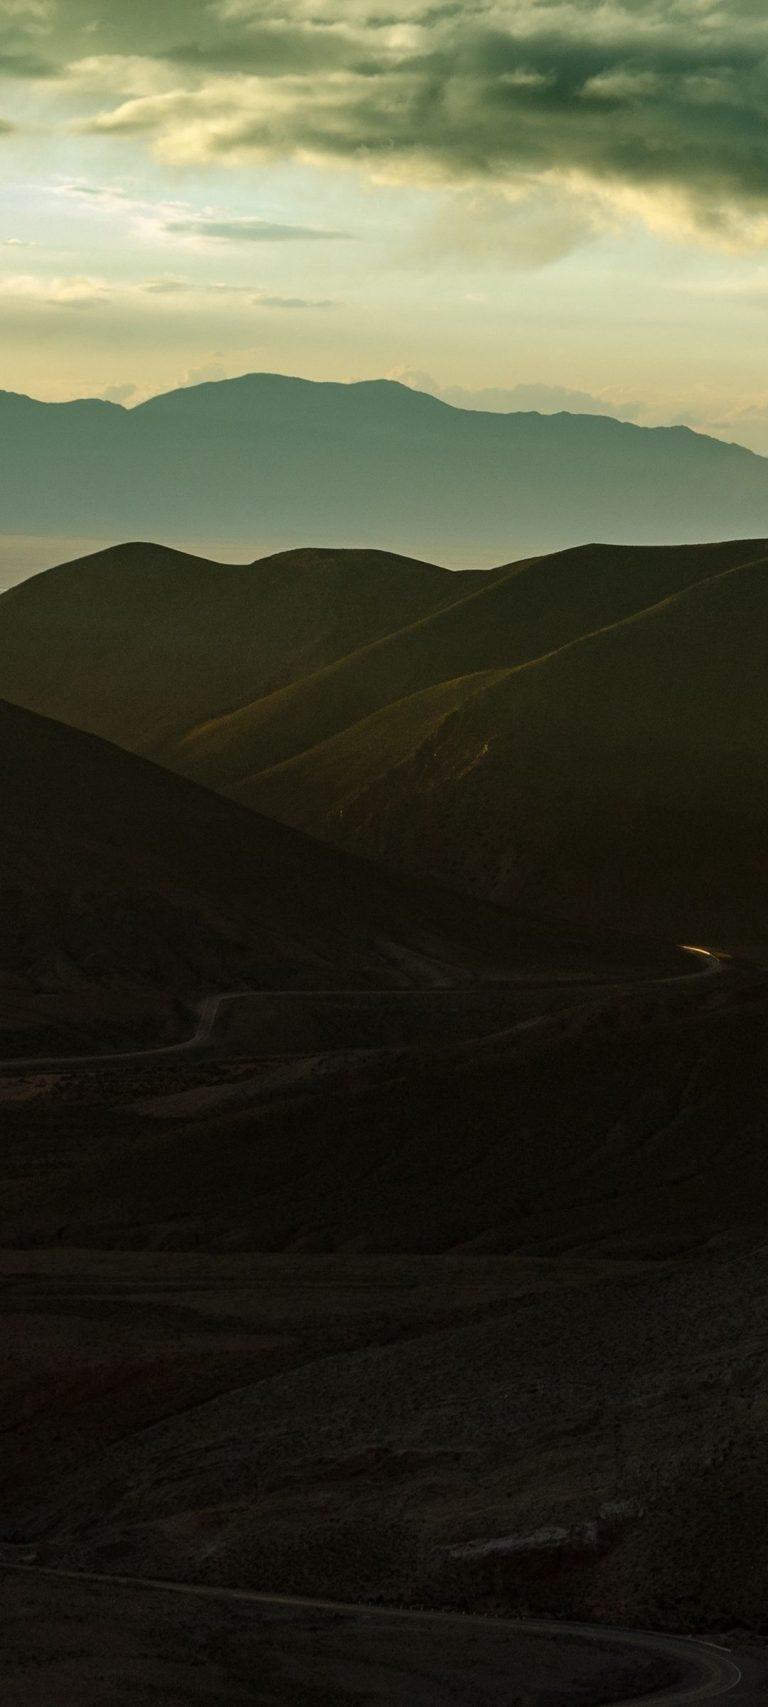 Mountains Skyline Panorama 1080x2400 768x1707